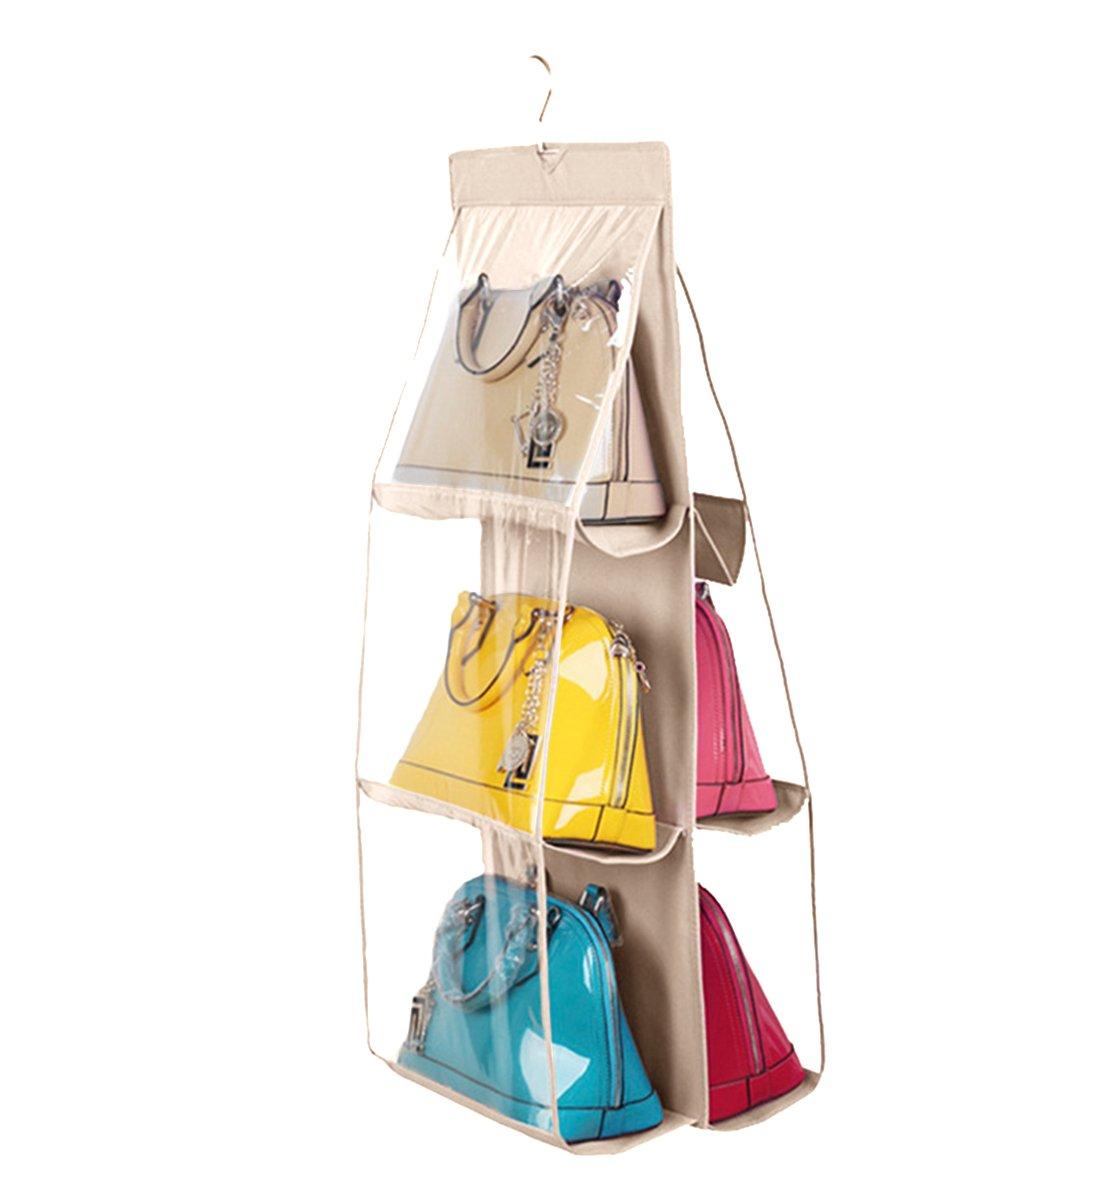 Vercord 6-Pocket Hanging Purse Handbag Tote Storage Holder Organizer Dust-proof Closet Wardrobe Hatstand Space Saver, Beige